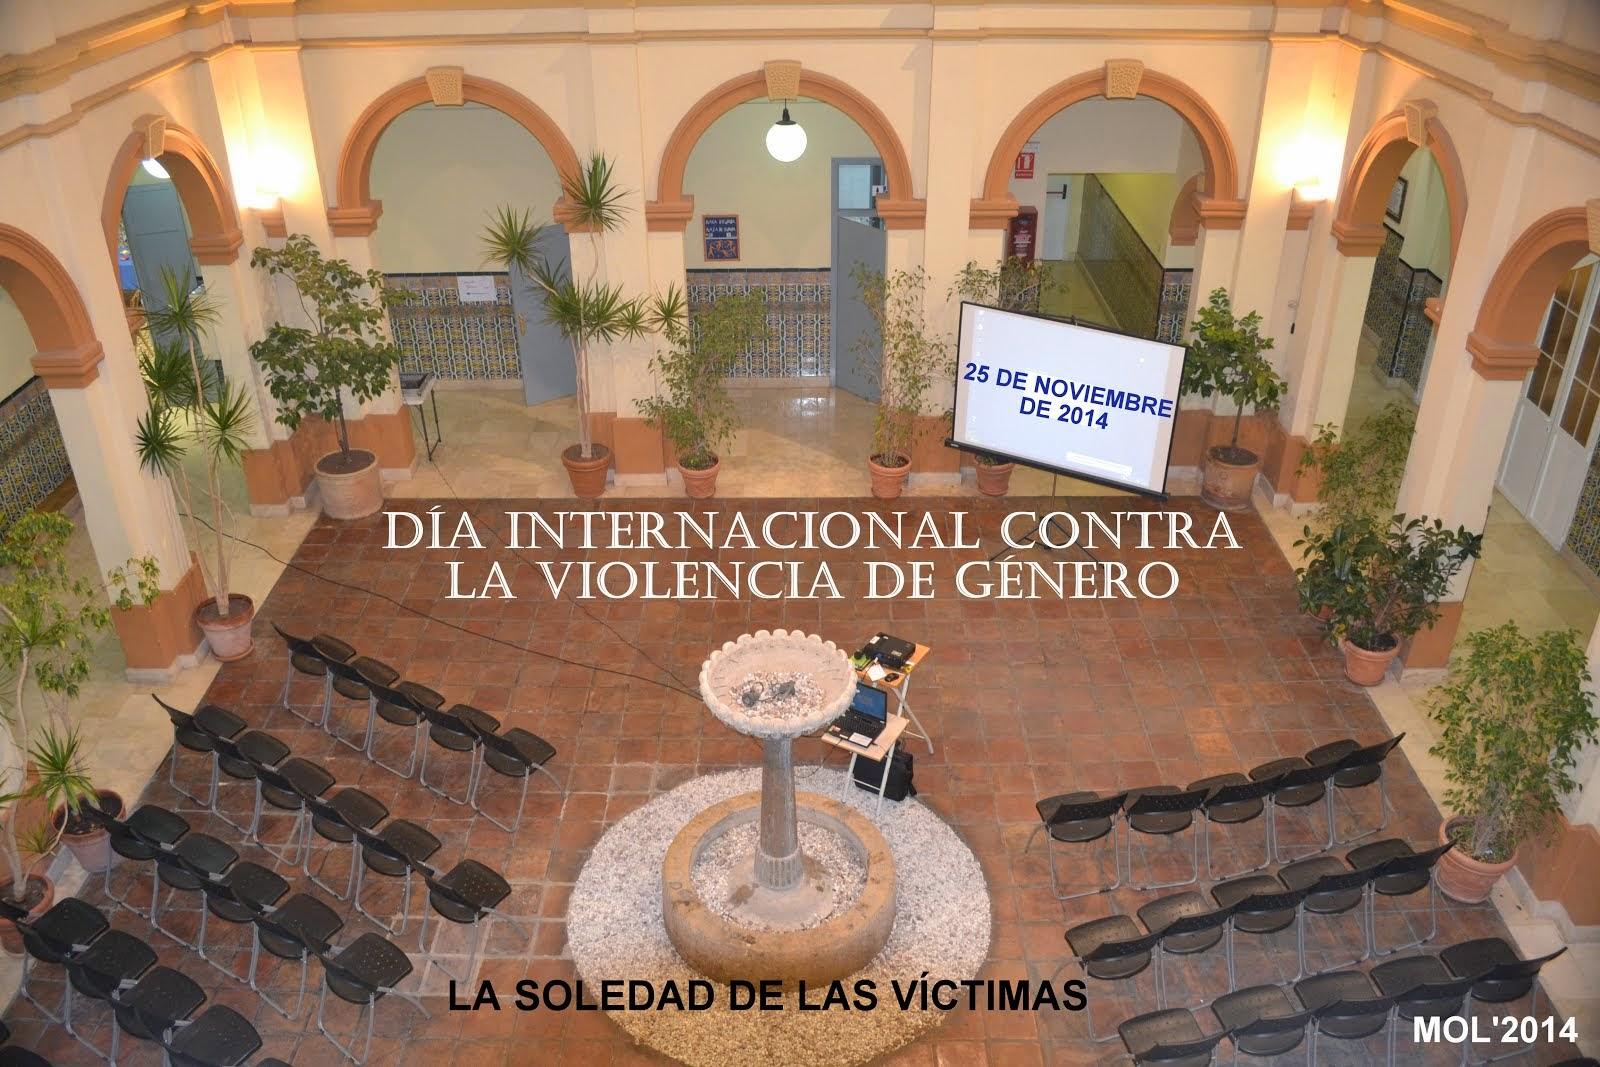 DÍA 25 DE NOVIEMBRE, DÍA INTERNACIONAL CONTRA LA VIOLENCIA DE GÉNERO.